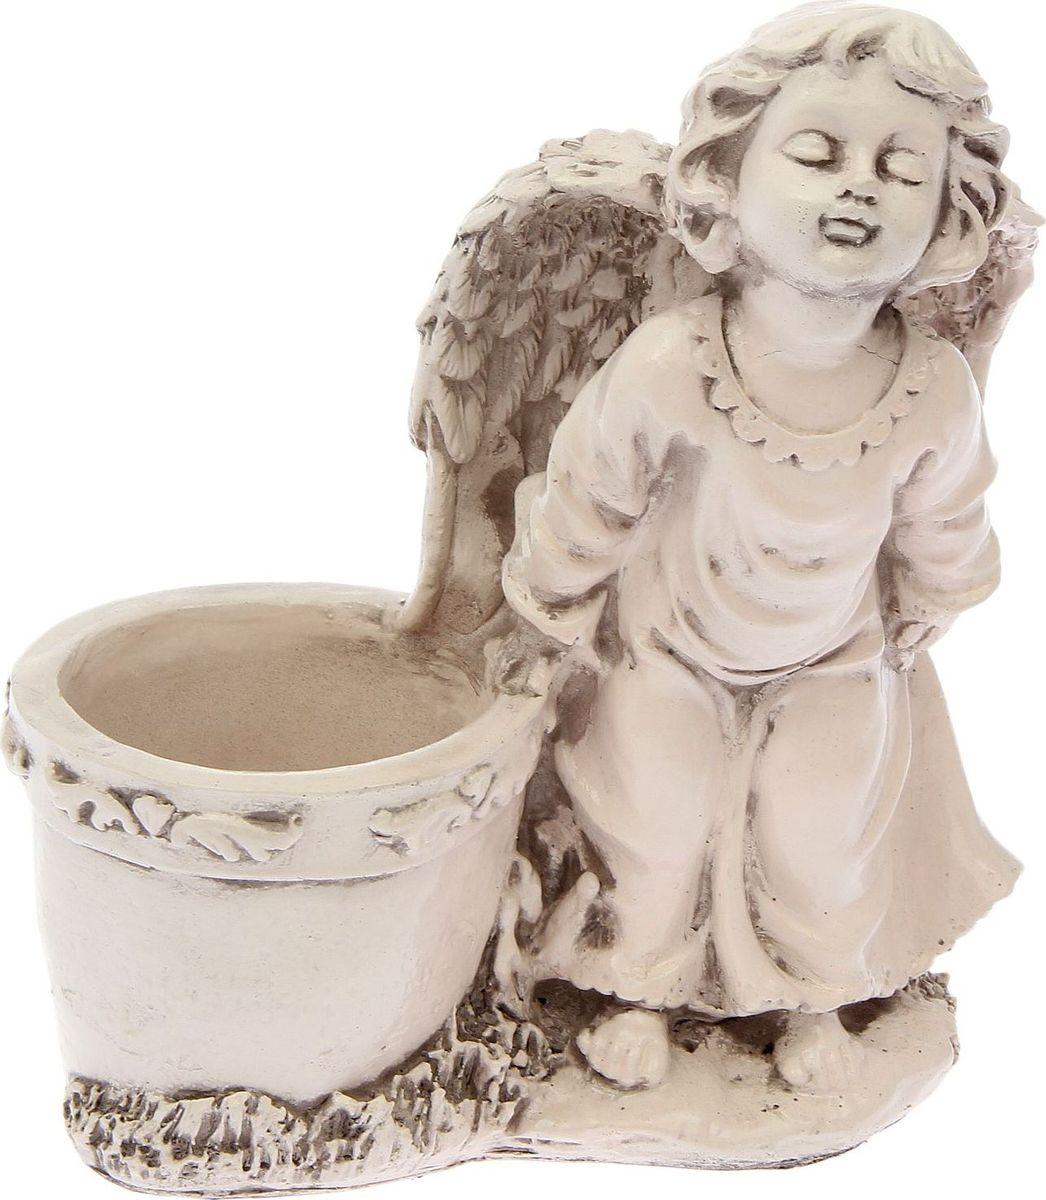 Кашпо Целующий ангел, состаренное, 12 х 22 х 25 см1858520